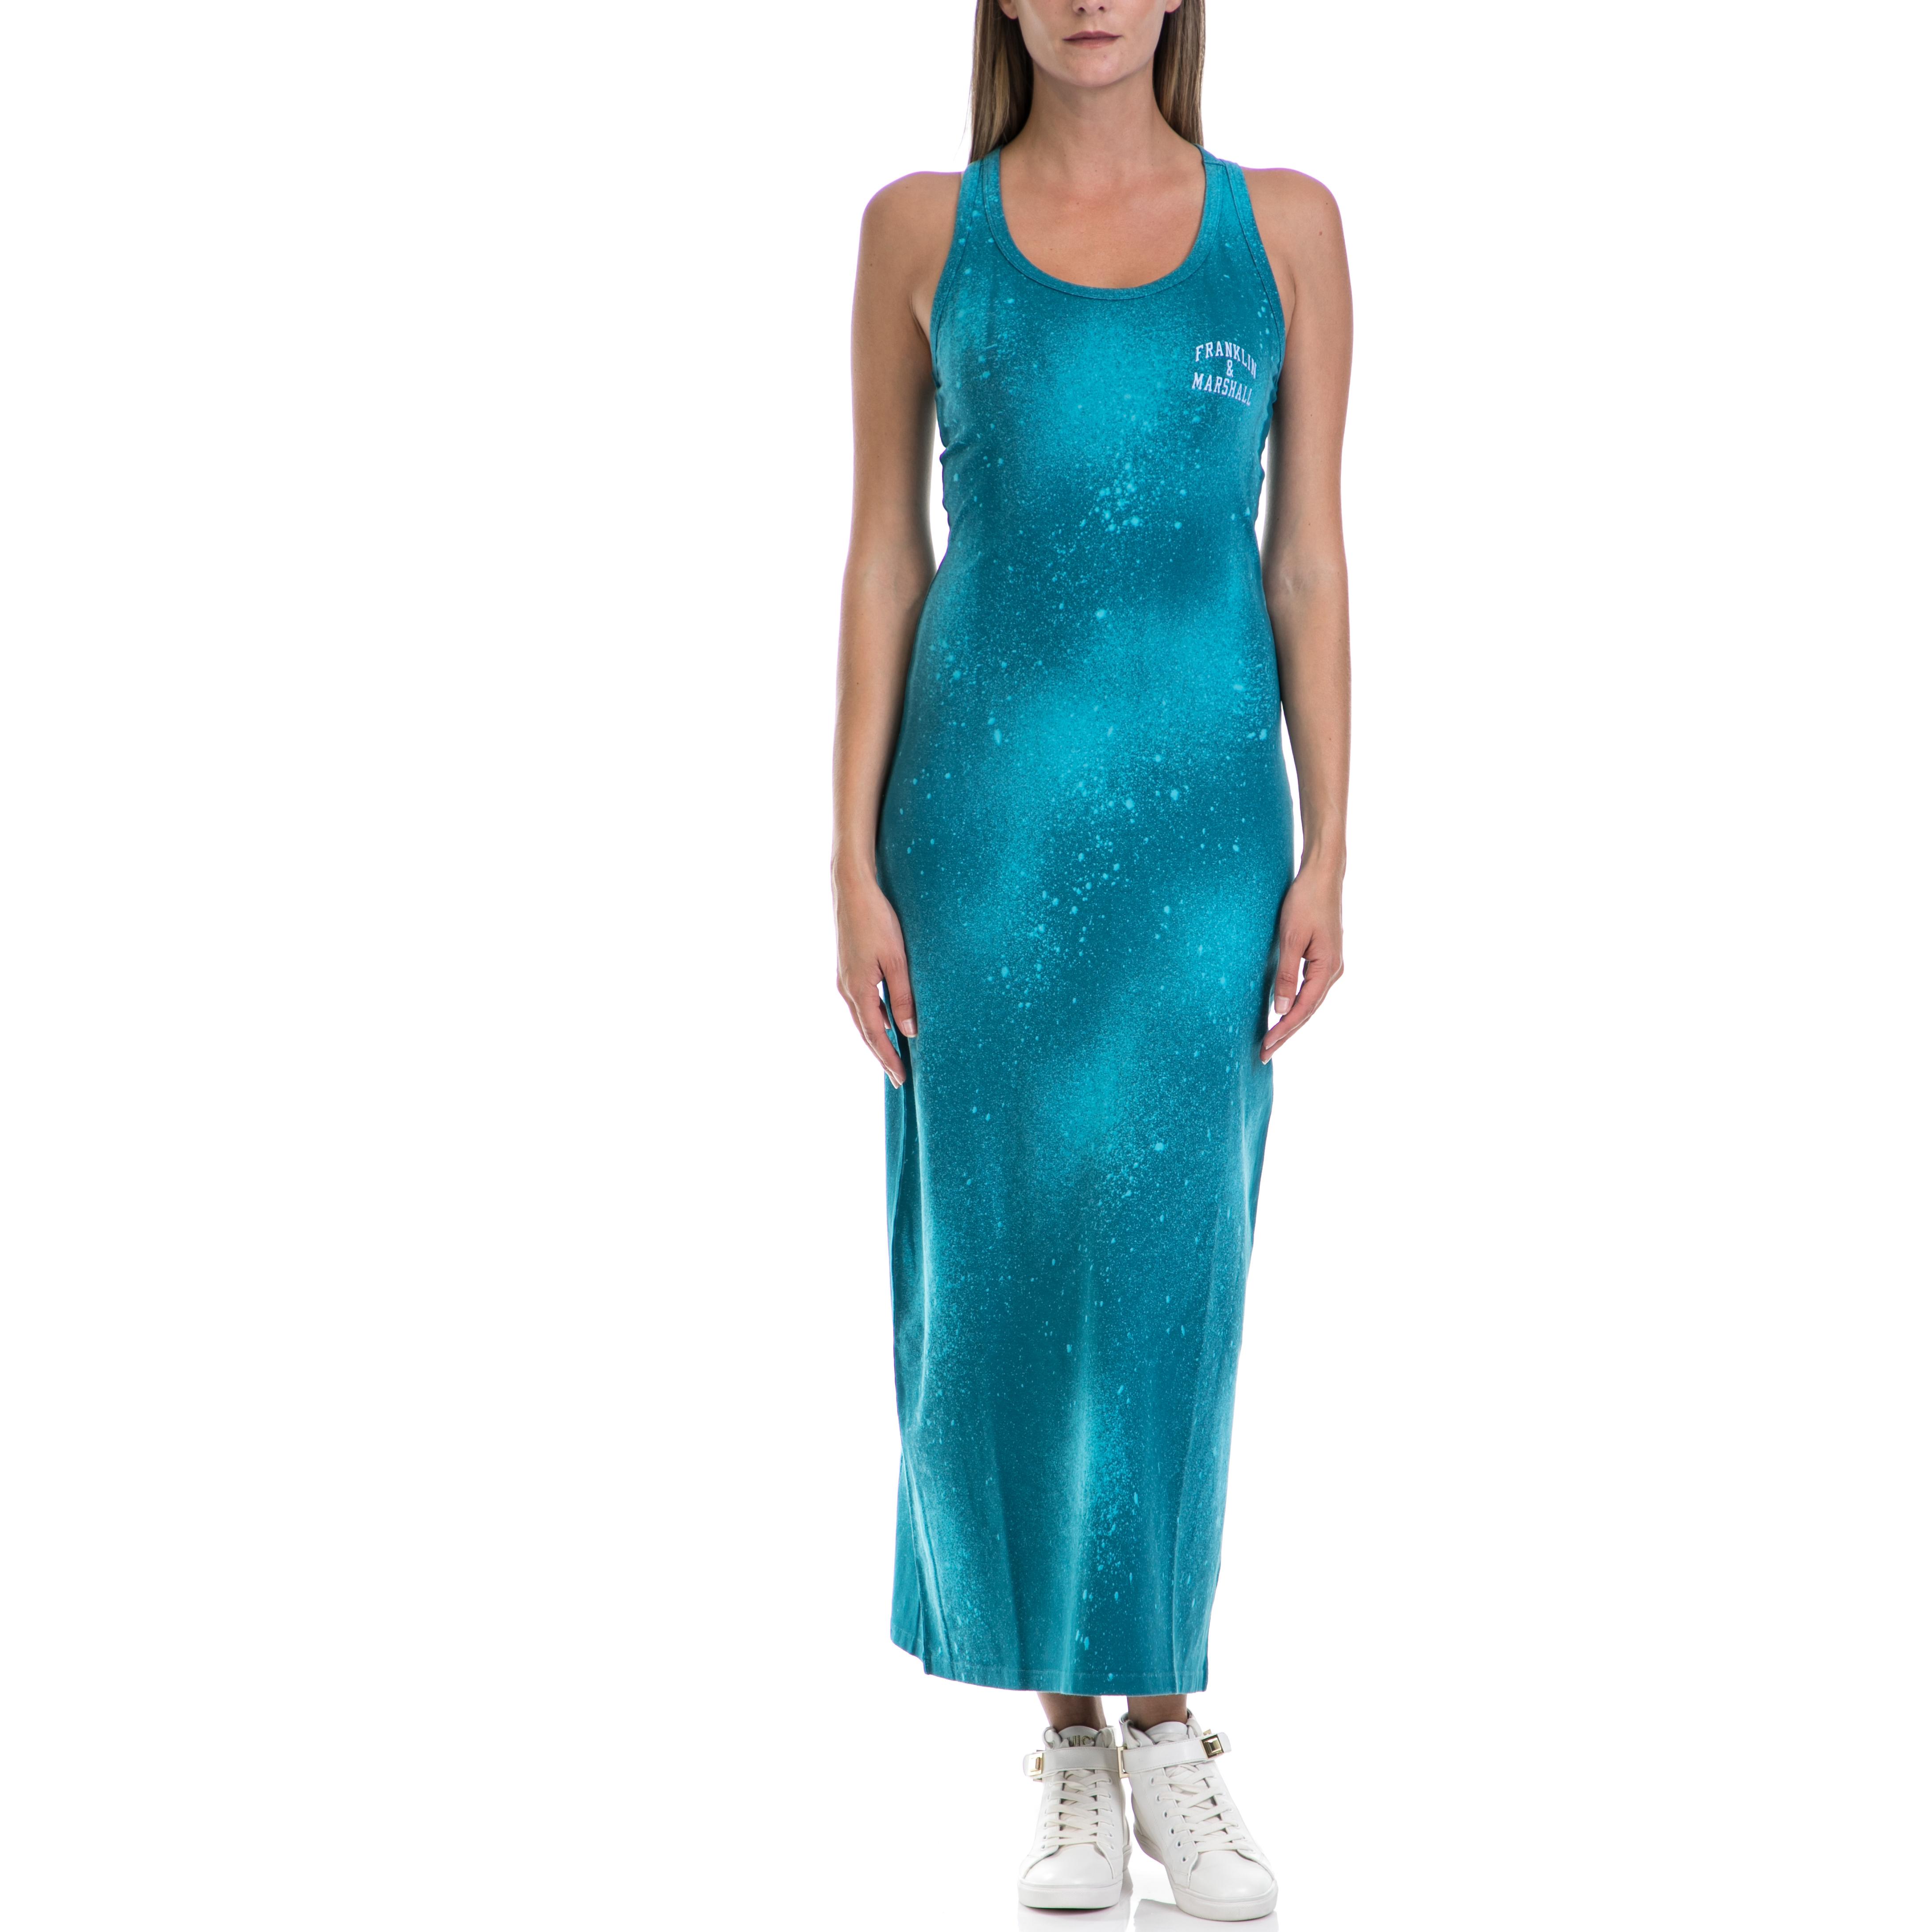 FRANKLIN & MARSHALL - Γυναικείο φόρεμα Franklin & Marshall μπλε-πράσινο γυναικεία ρούχα φορέματα μάξι